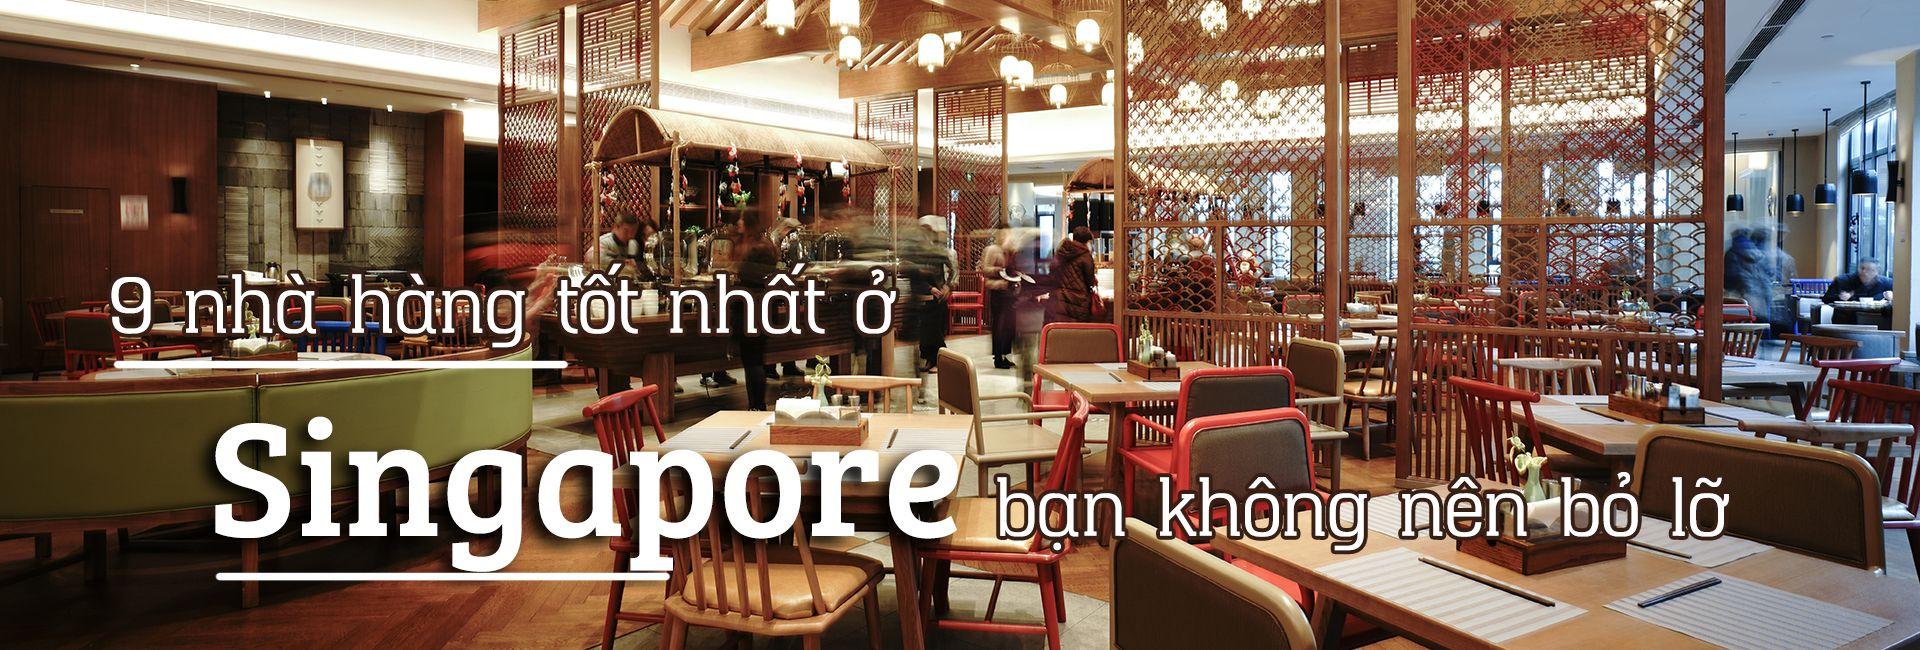 Top 9 nhà hàng tốt nhất ở Singapore không nên bỏ lỡ